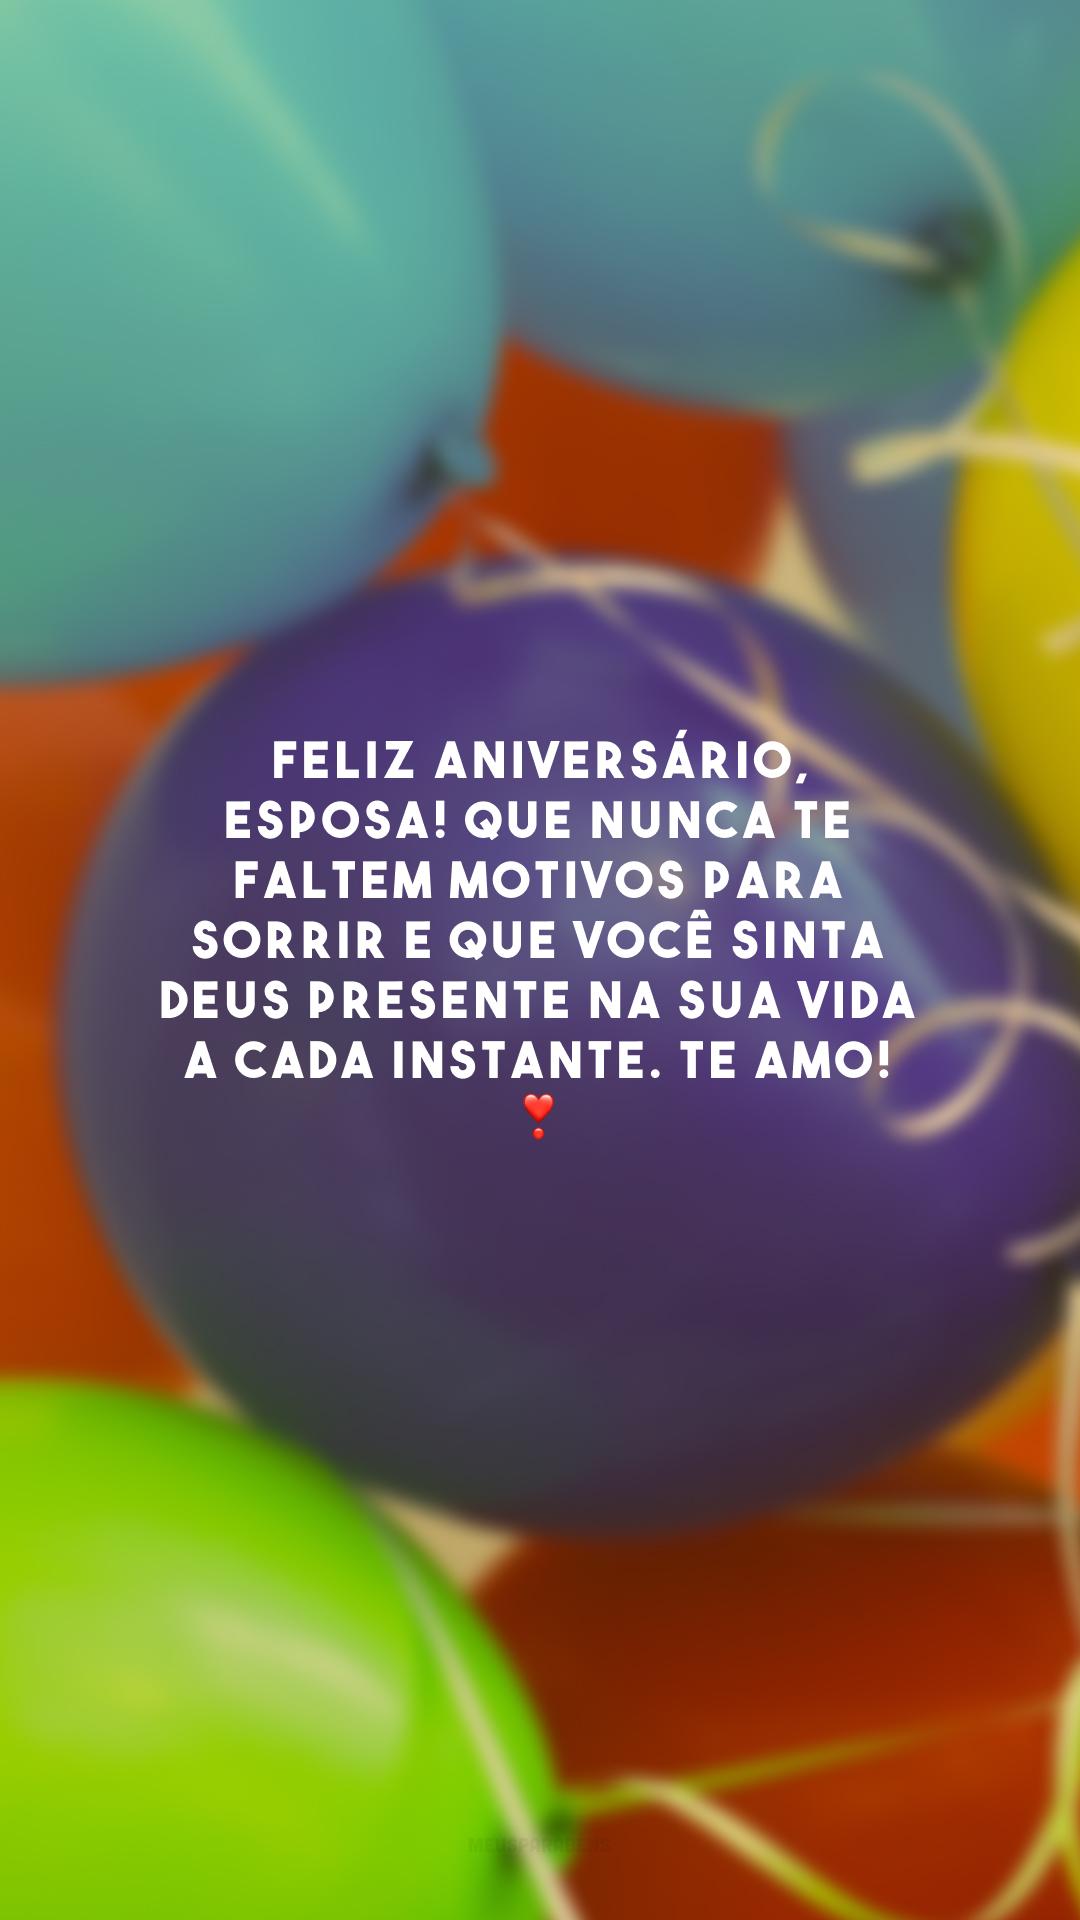 Feliz aniversário, esposa! Que nunca te faltem motivos para sorrir e que você sinta Deus presente na sua vida a cada instante. Te amo! ❣️